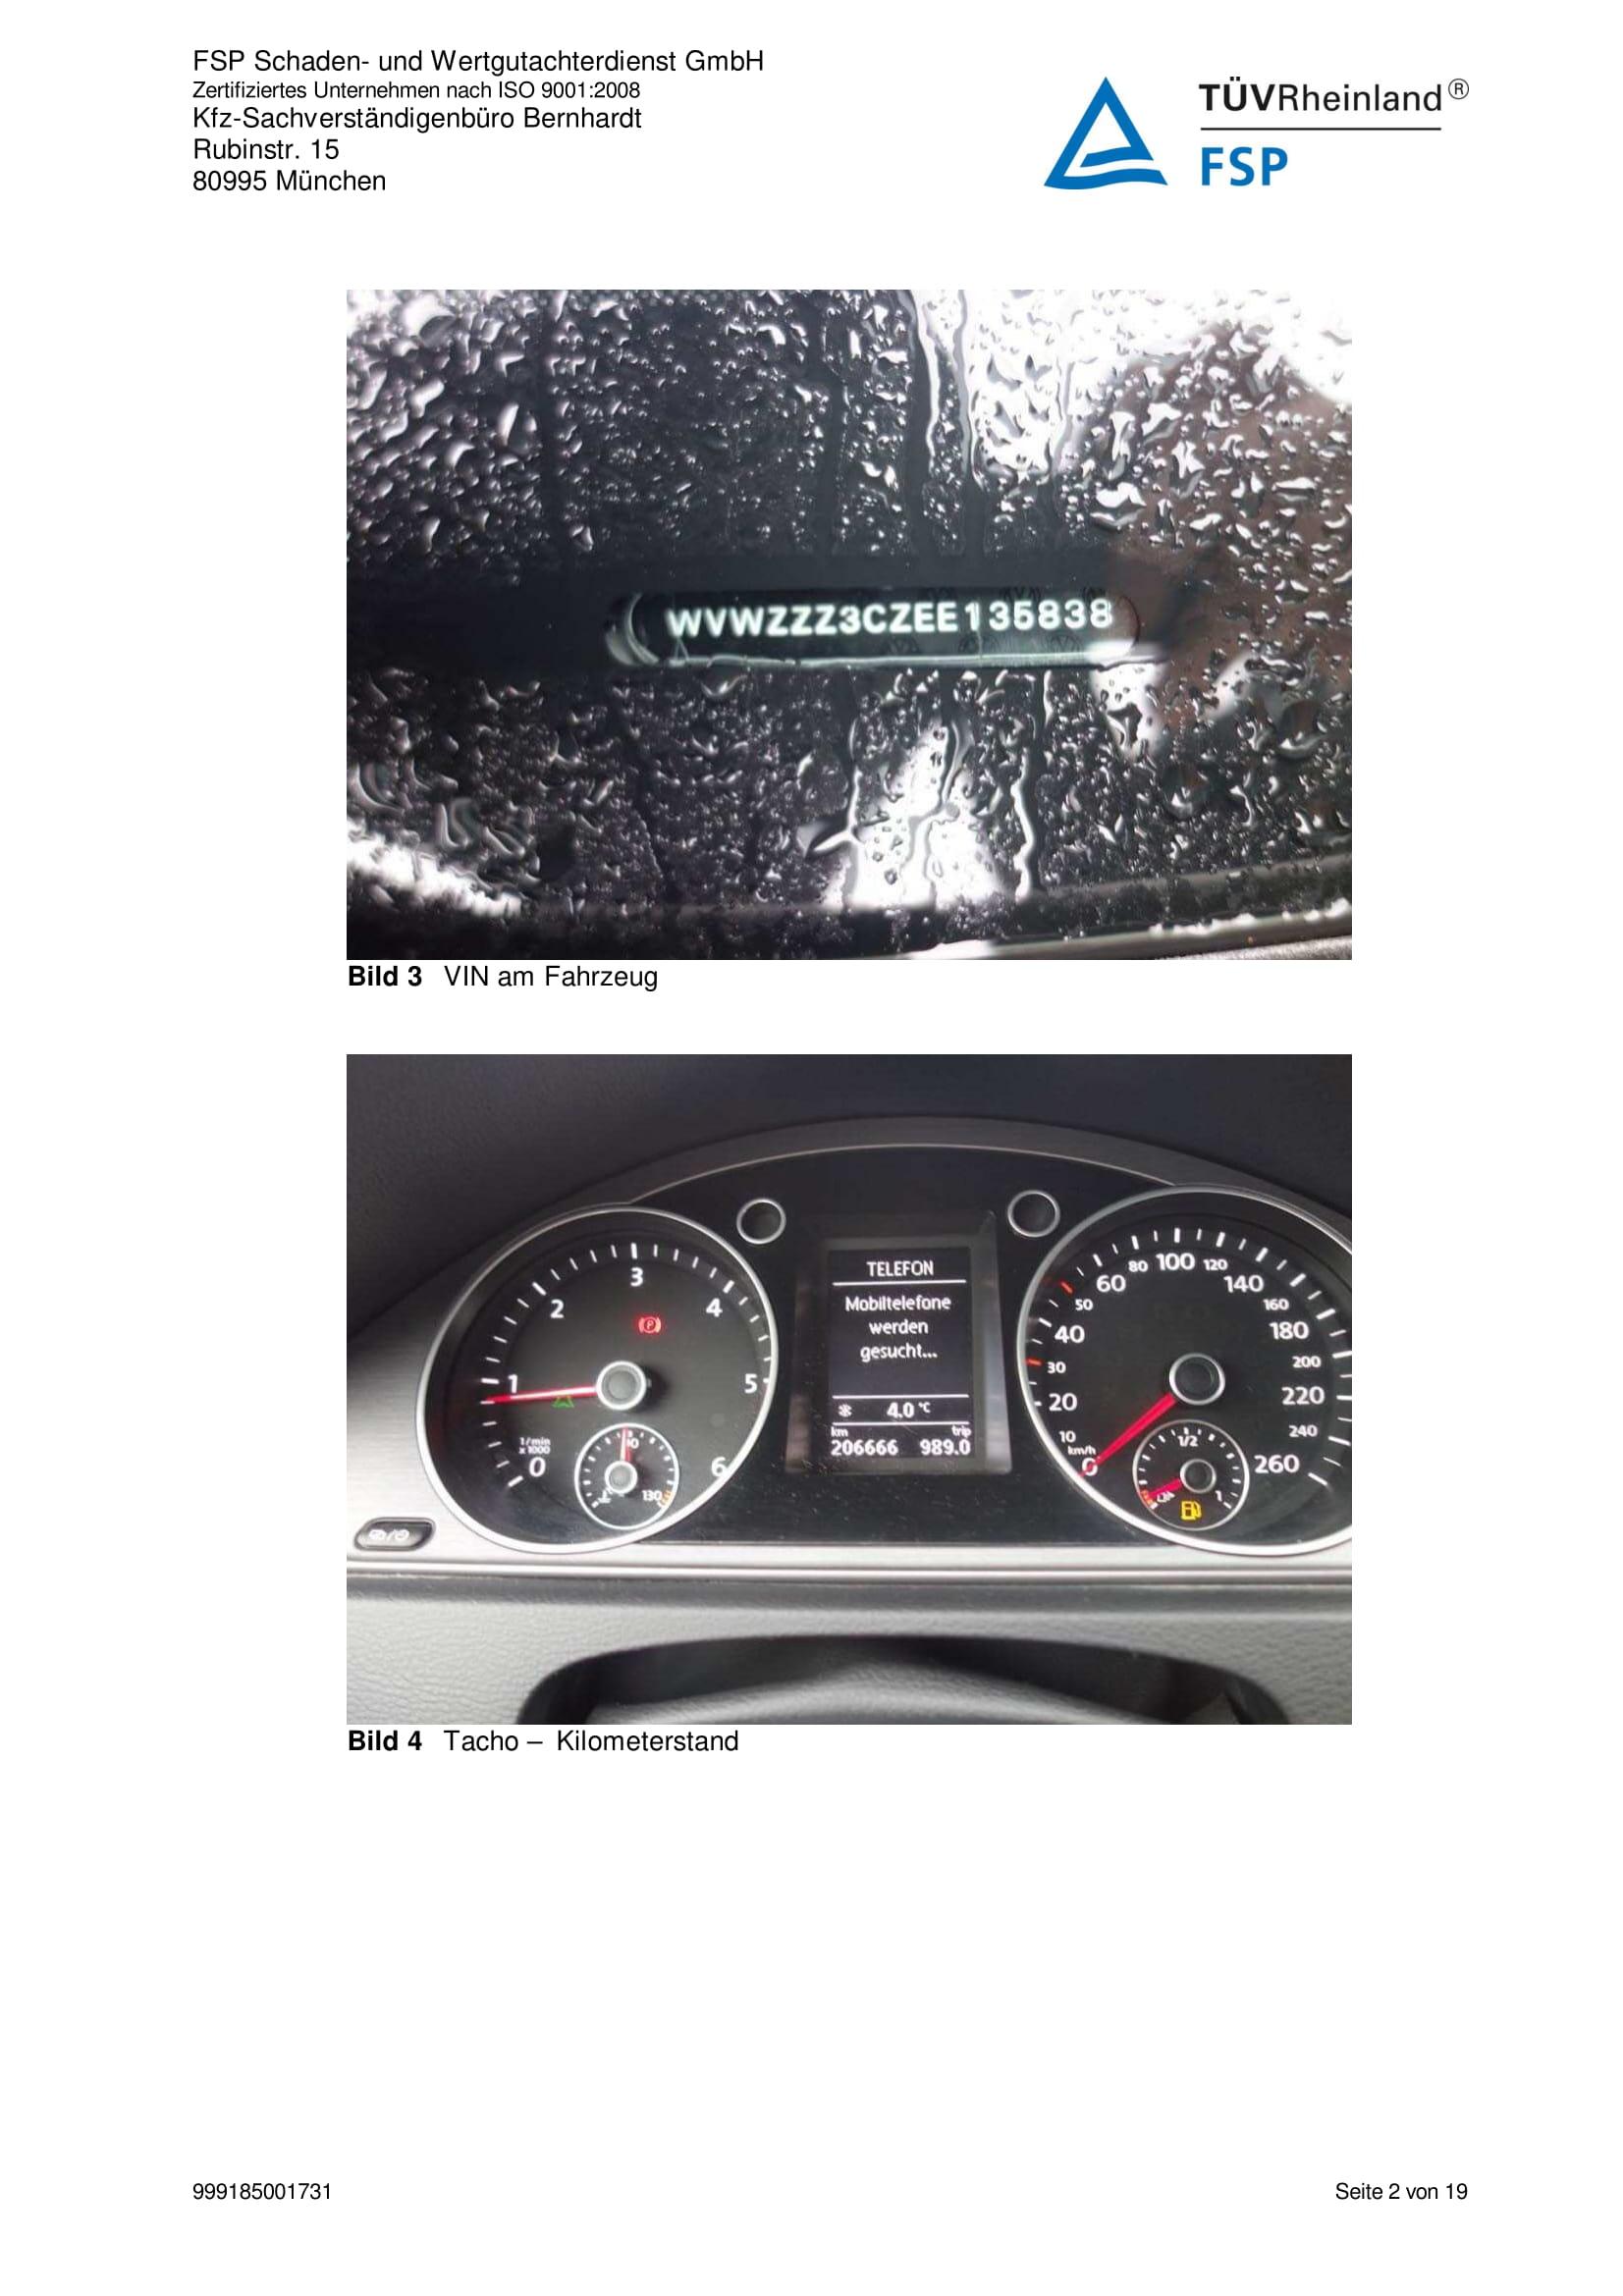 Снимки Проверка на употребяван автомобил в Германия - VW Passat Variant 2014 2.0 TDI 140 к.с. (2)